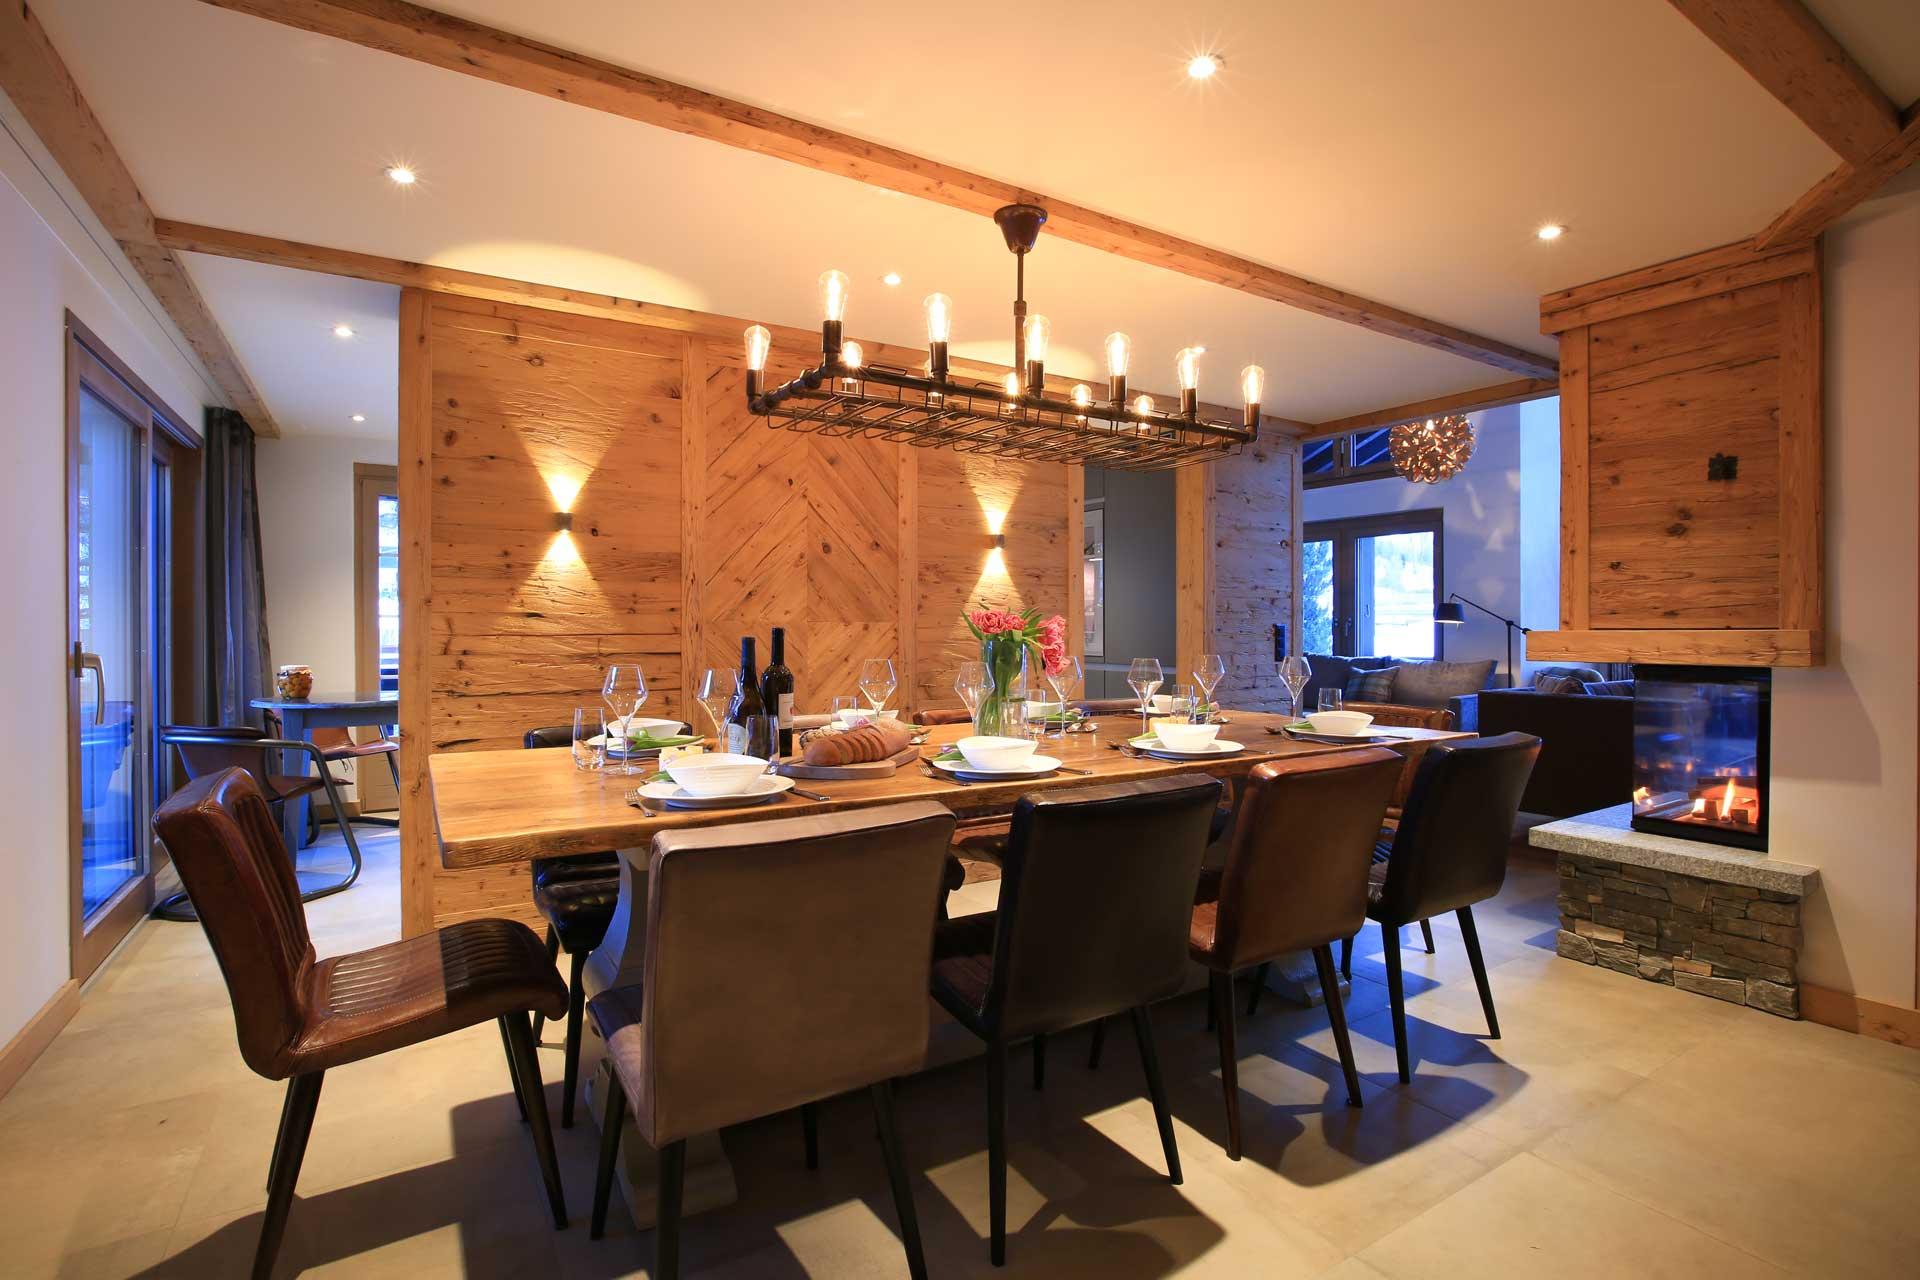 Luxus Appartement Chalet Khione Saas-Fee - Essbereich